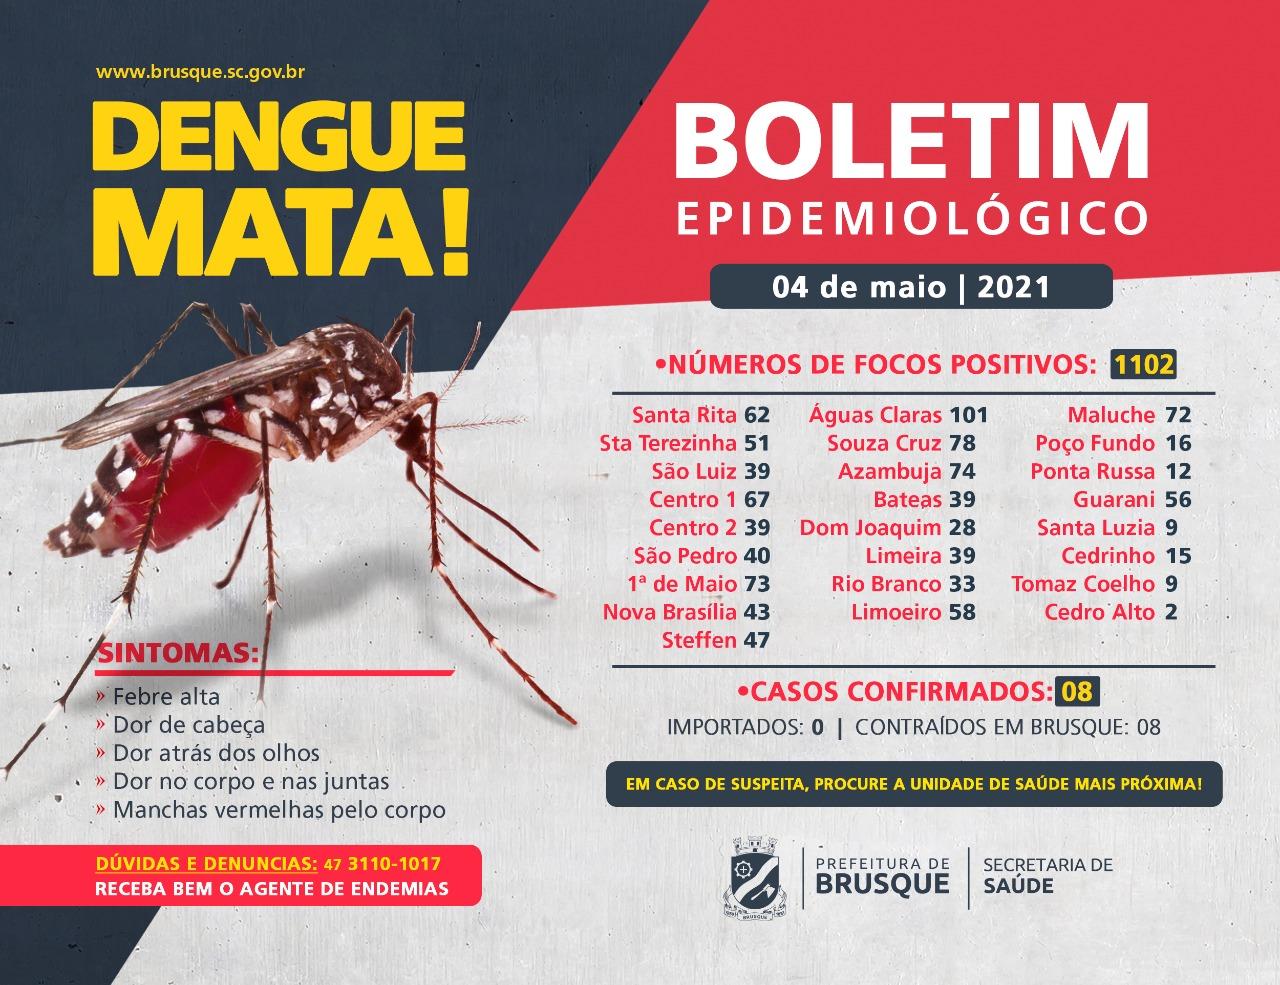 Brusque contabiliza 1.102 focos de Dengue em 2021